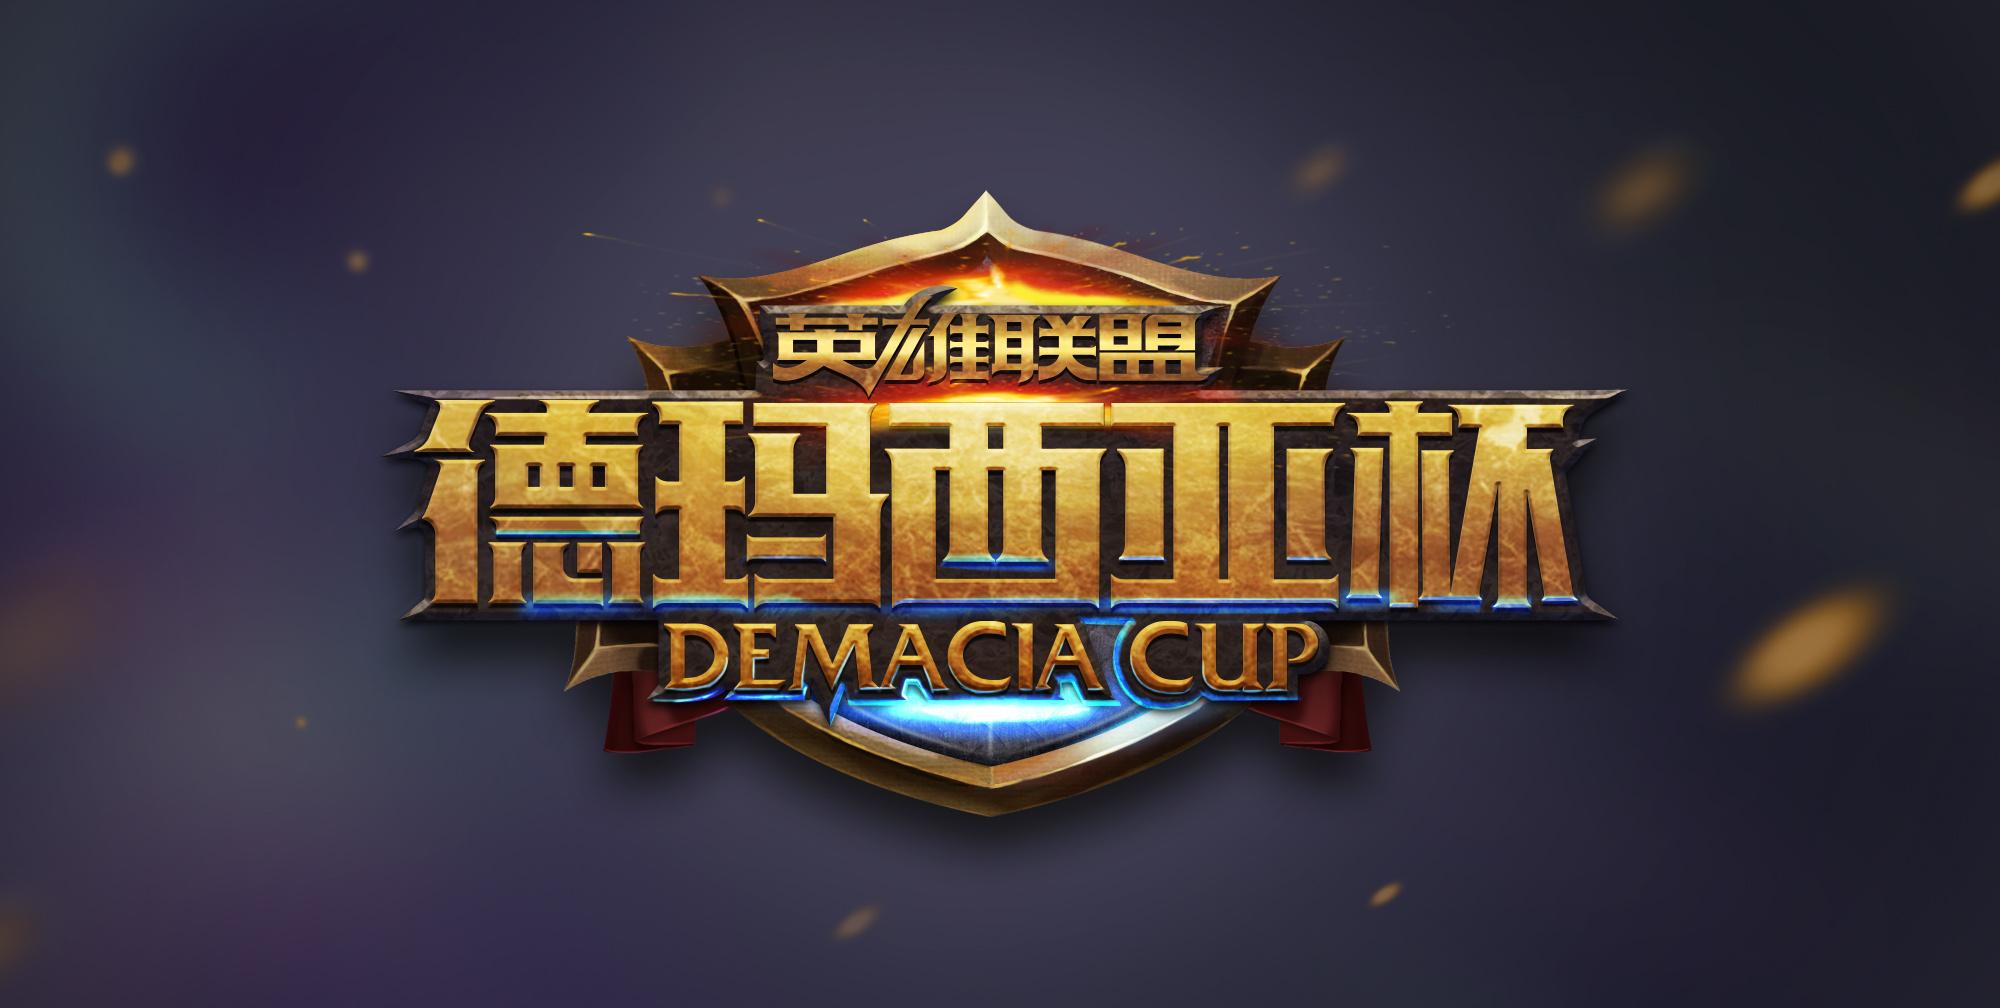 2020德玛西亚杯赛程公布 2020德玛西亚杯分组仪式即将开始